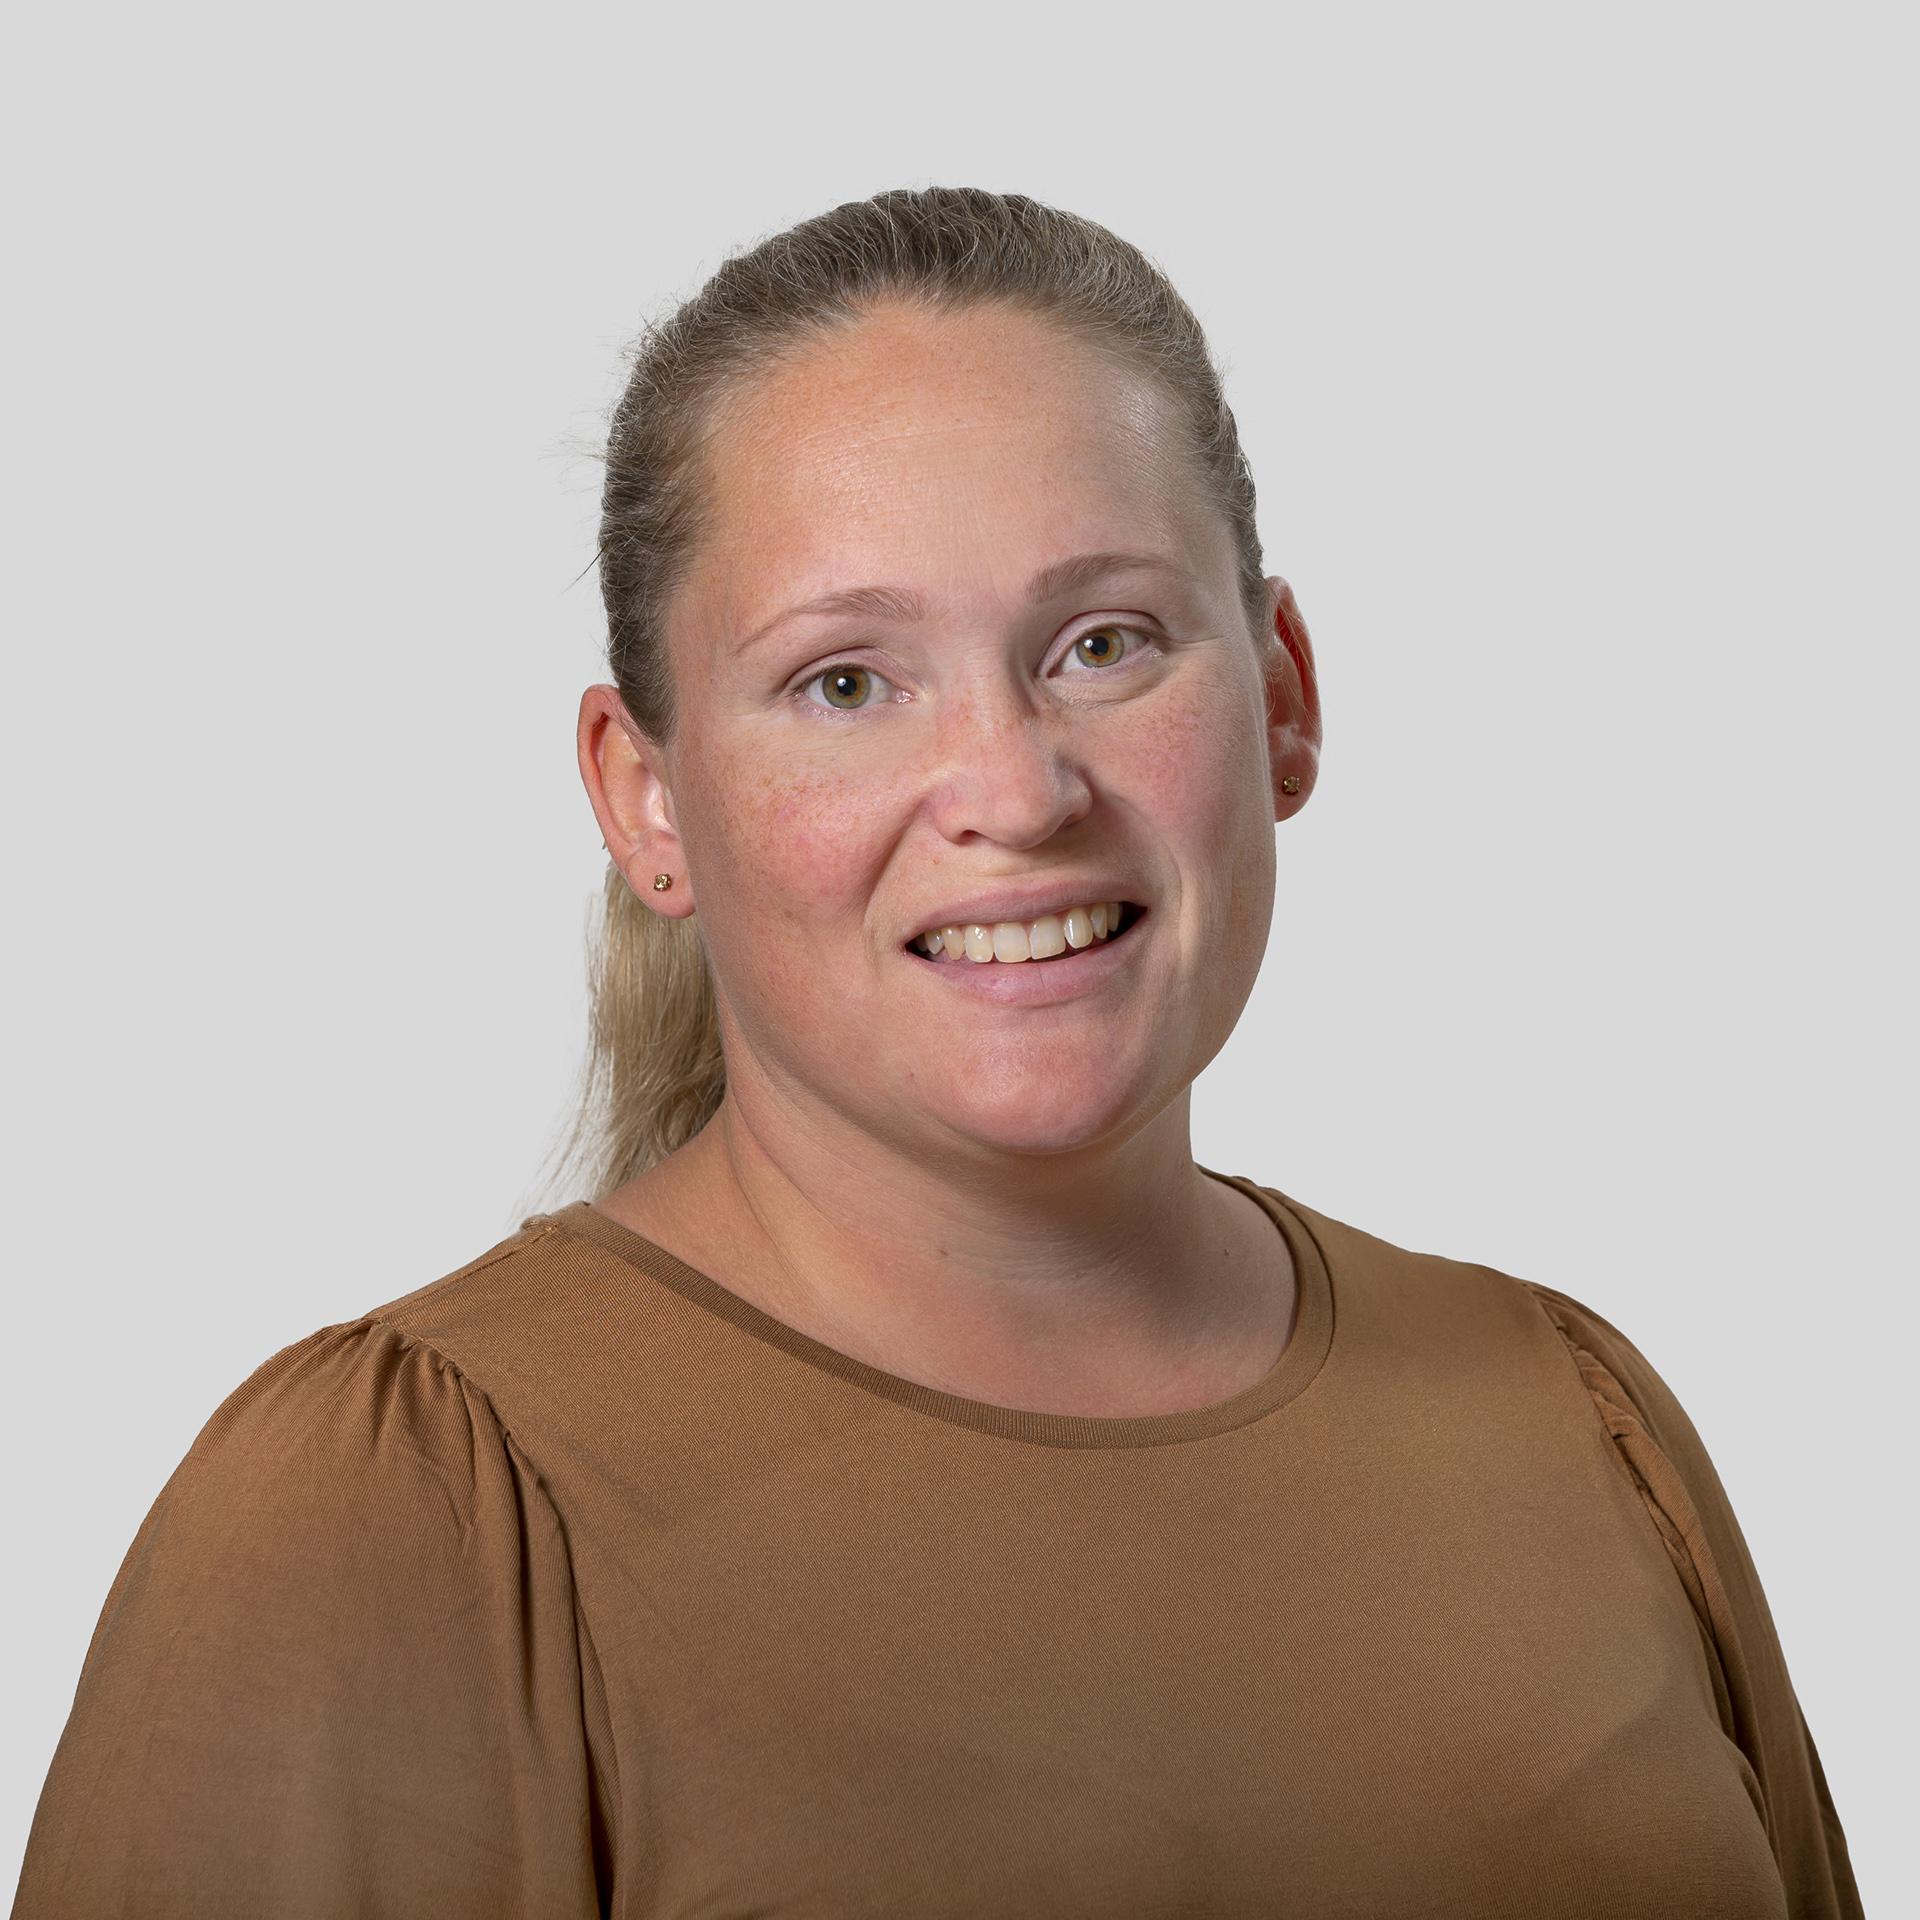 Maria Boman